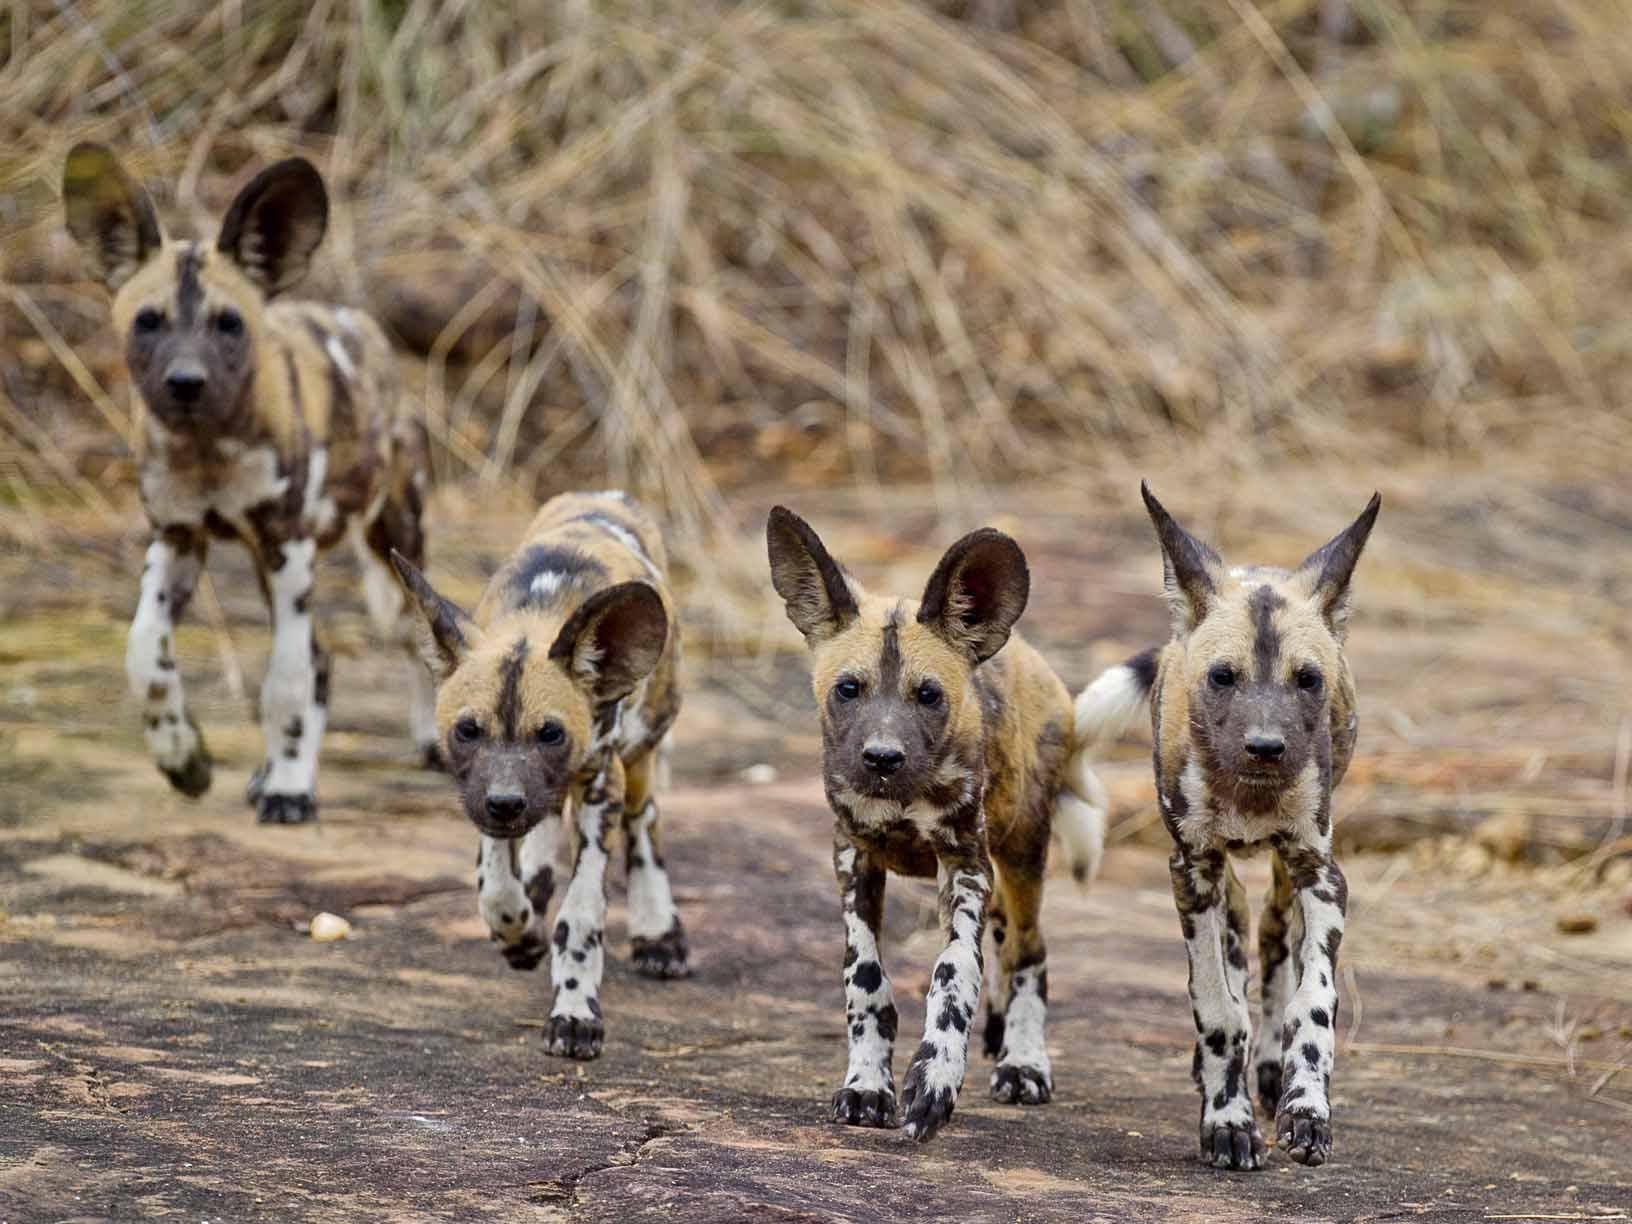 reis wilde honden, wildlife reis Tanzania